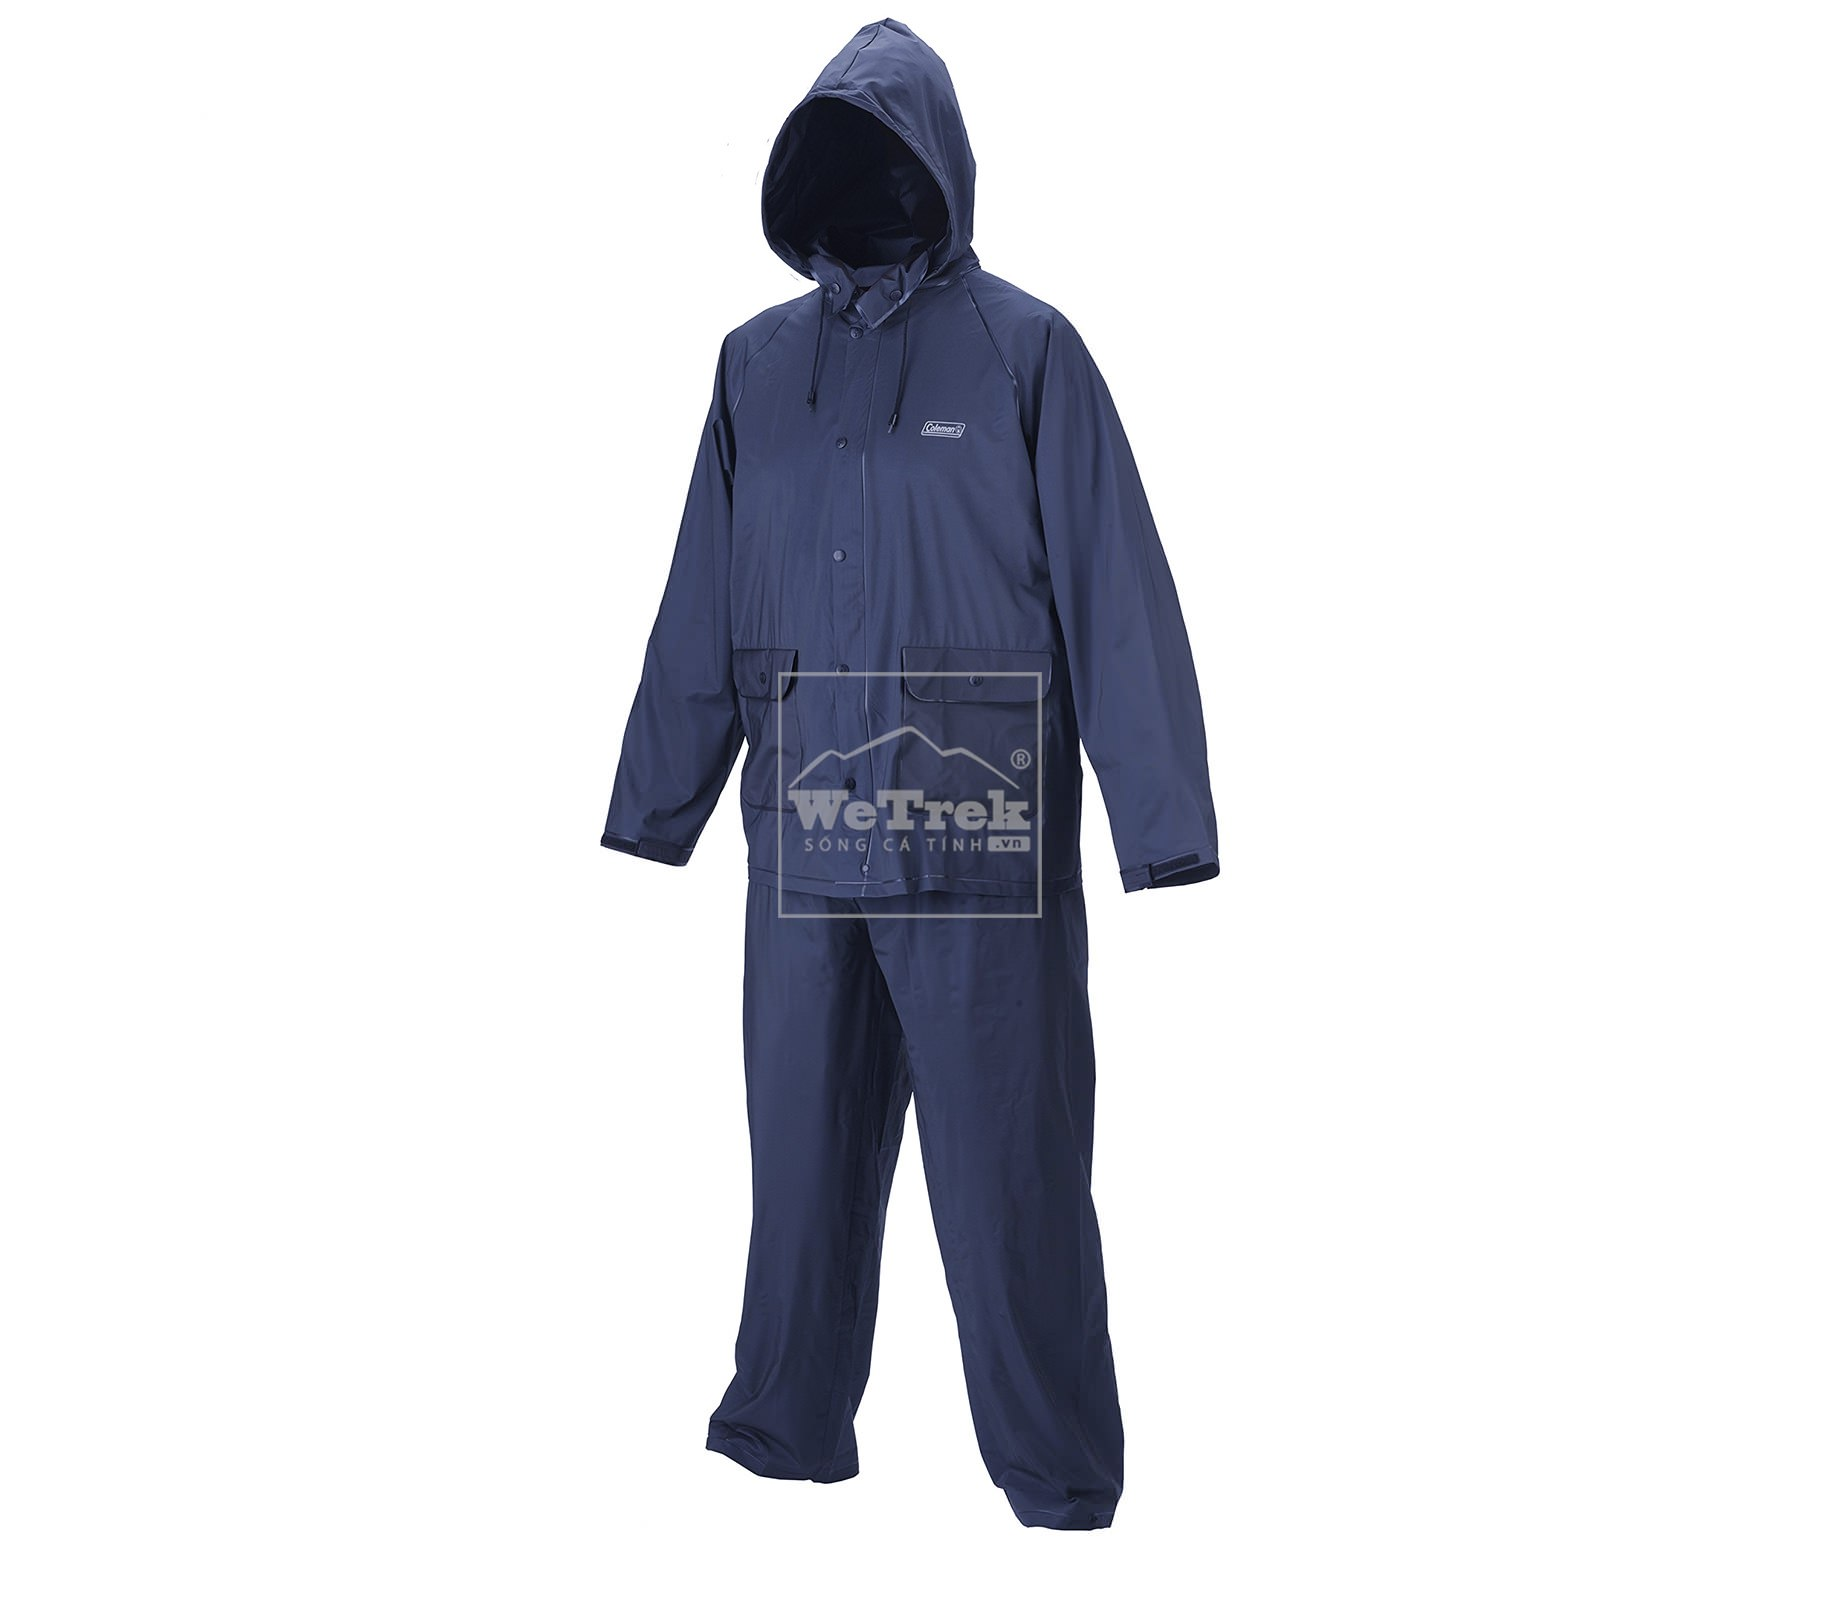 Bộ quần áo đi mưa XL Coleman PVC Apparel PVC Suit Blue 2000004103 - 7606